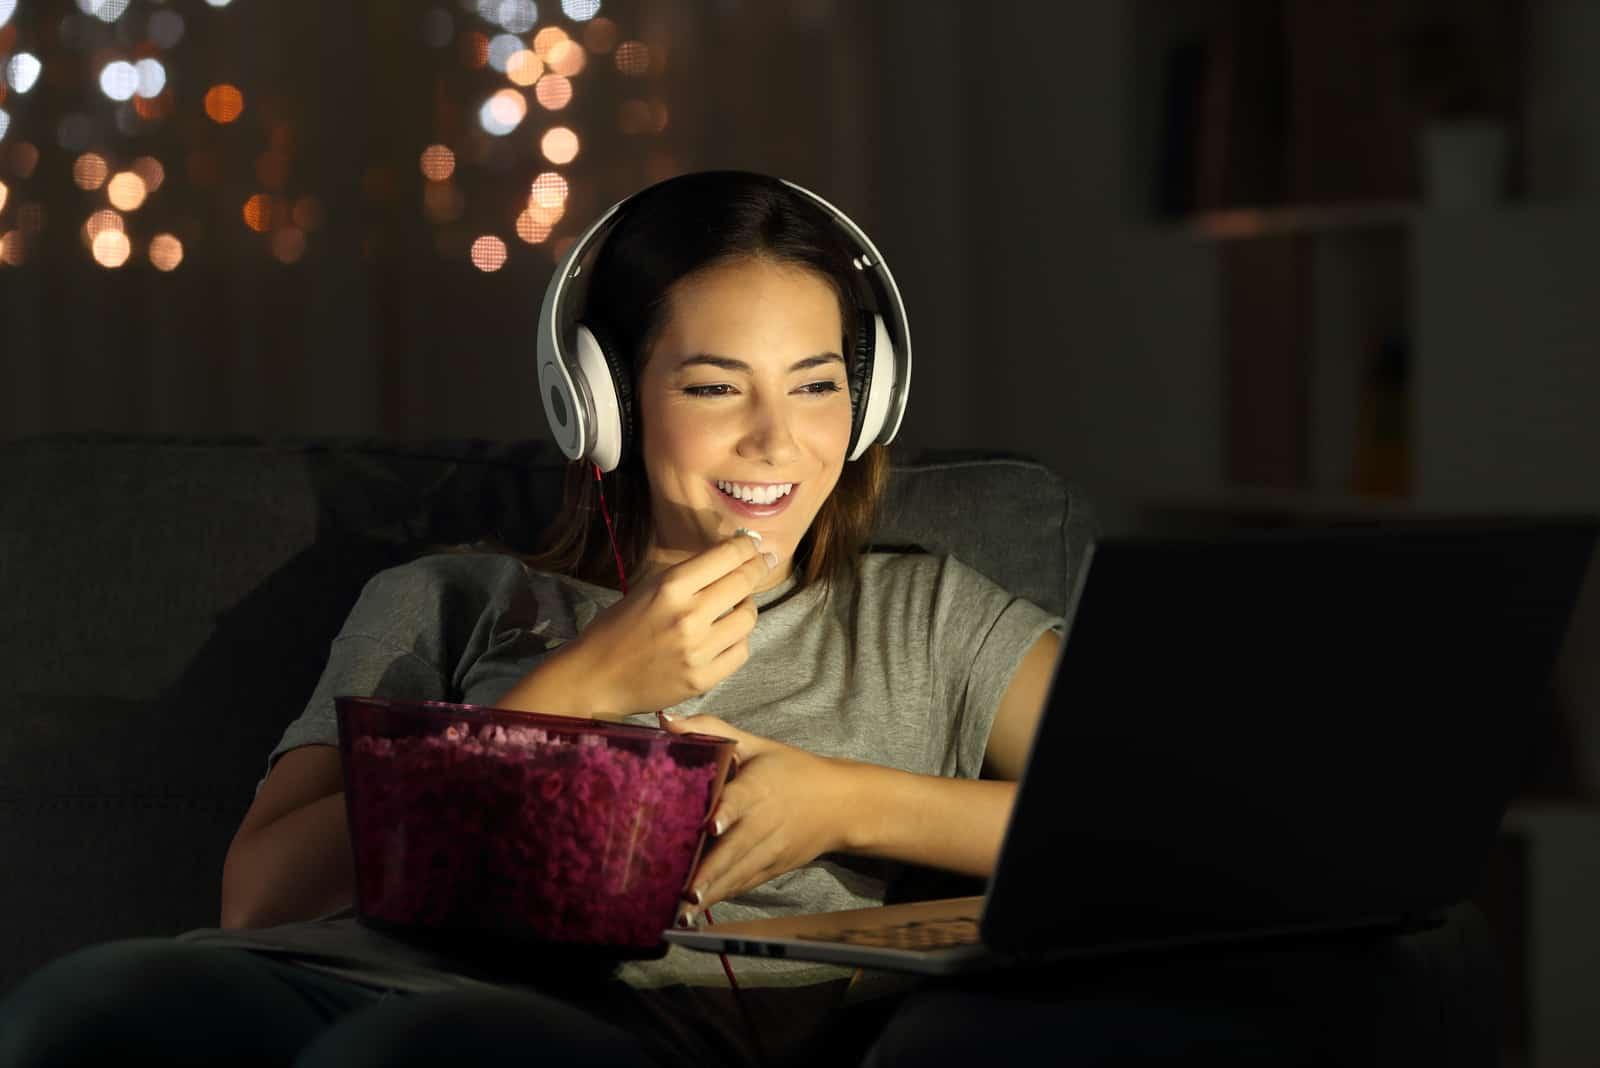 Femme regardant la télévision en ligne dans la nuit assis sur un canapé